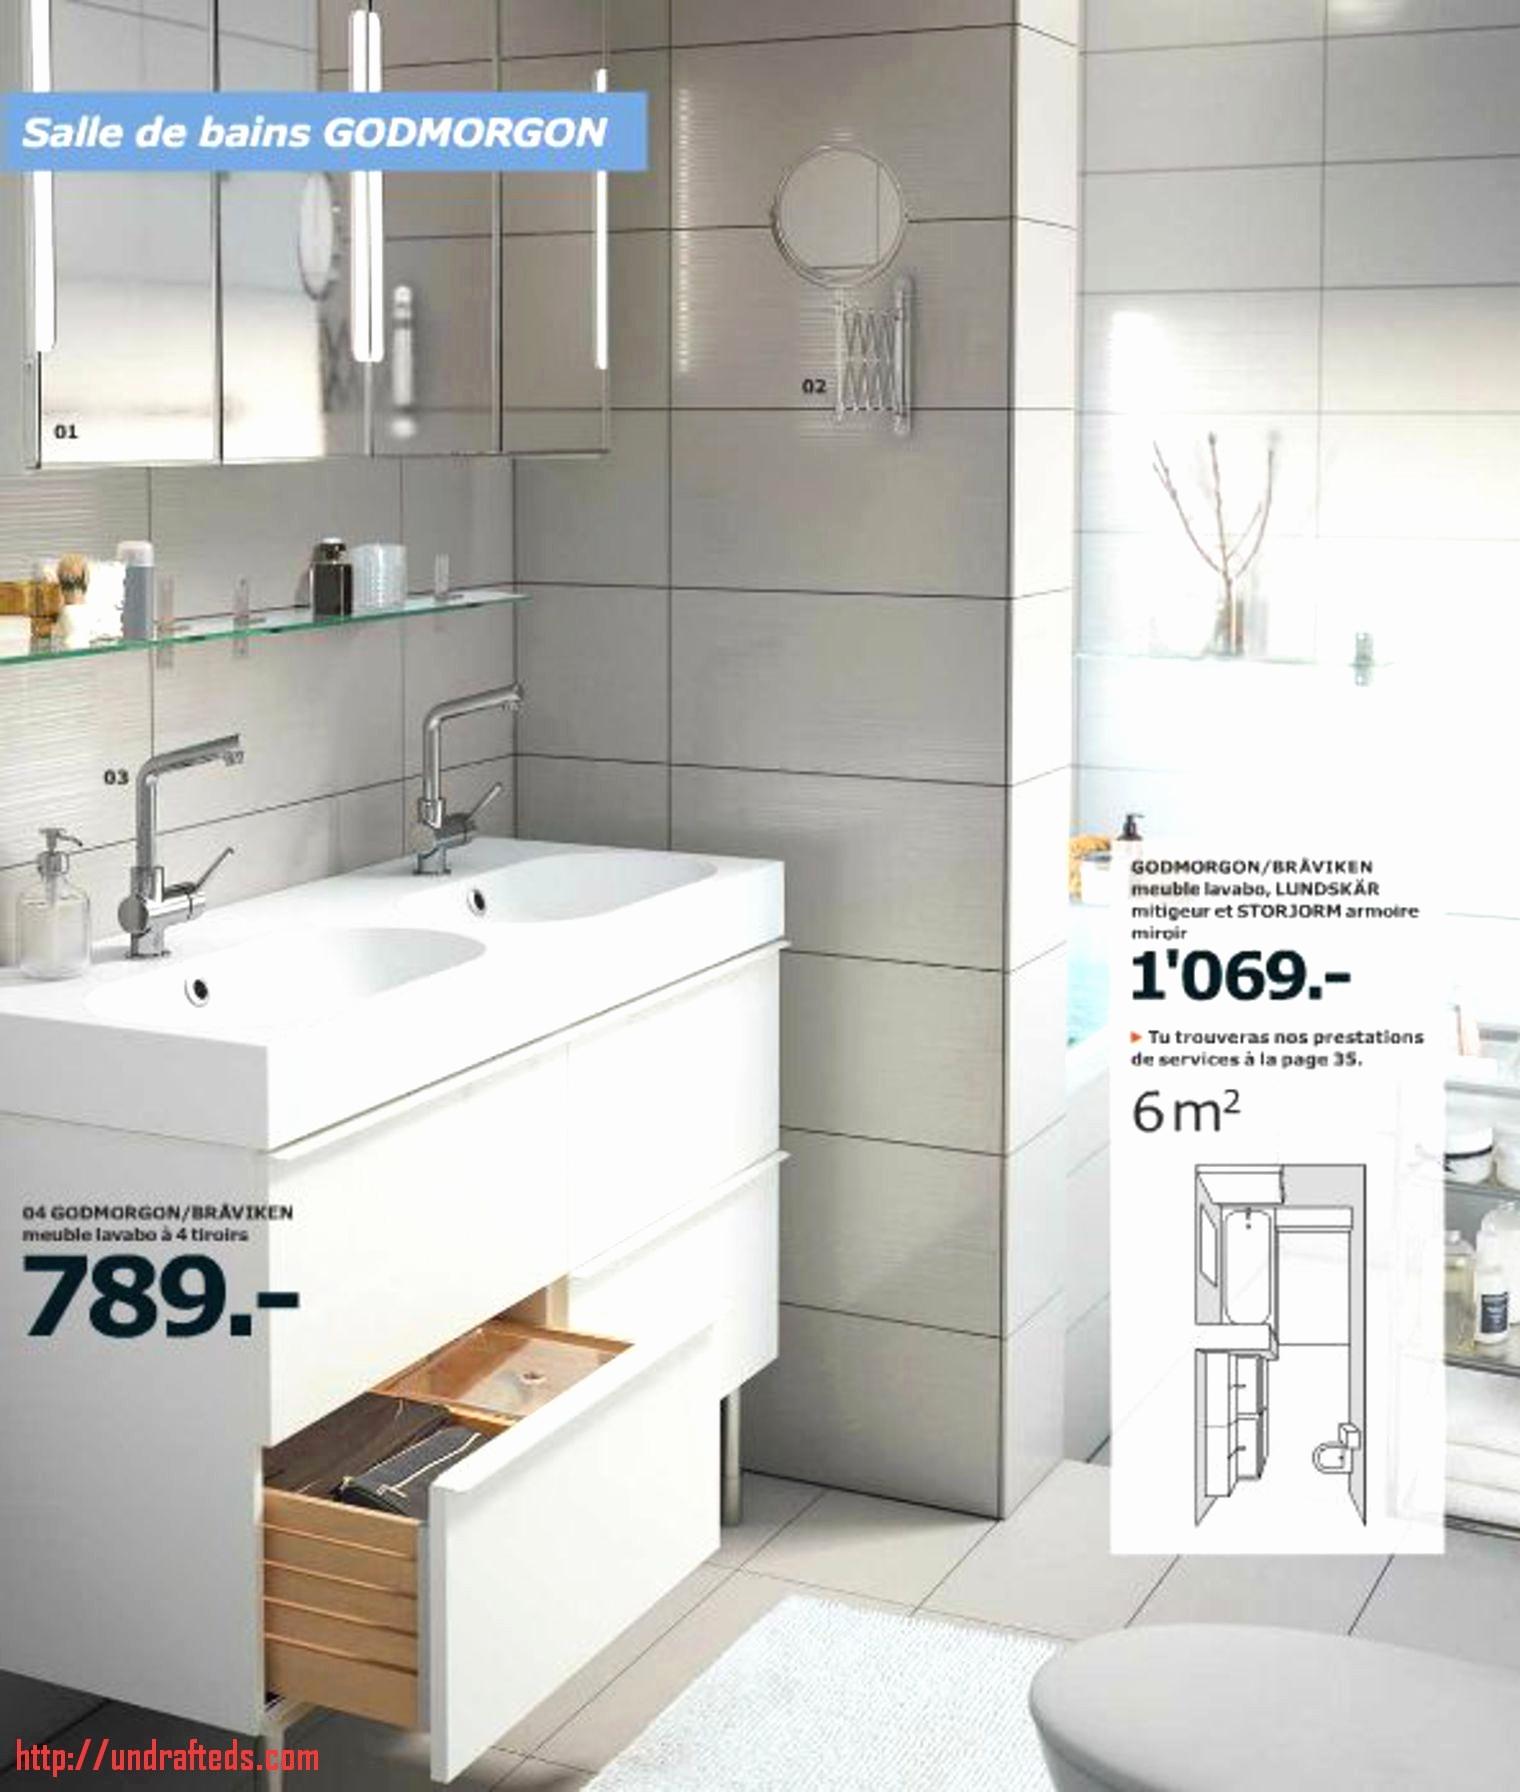 Applique Salle De Bain Ikea Inspirant Images Salle Bain Ikea Inspirant Lavabo Salle De Bain Ikea Fresh Petit